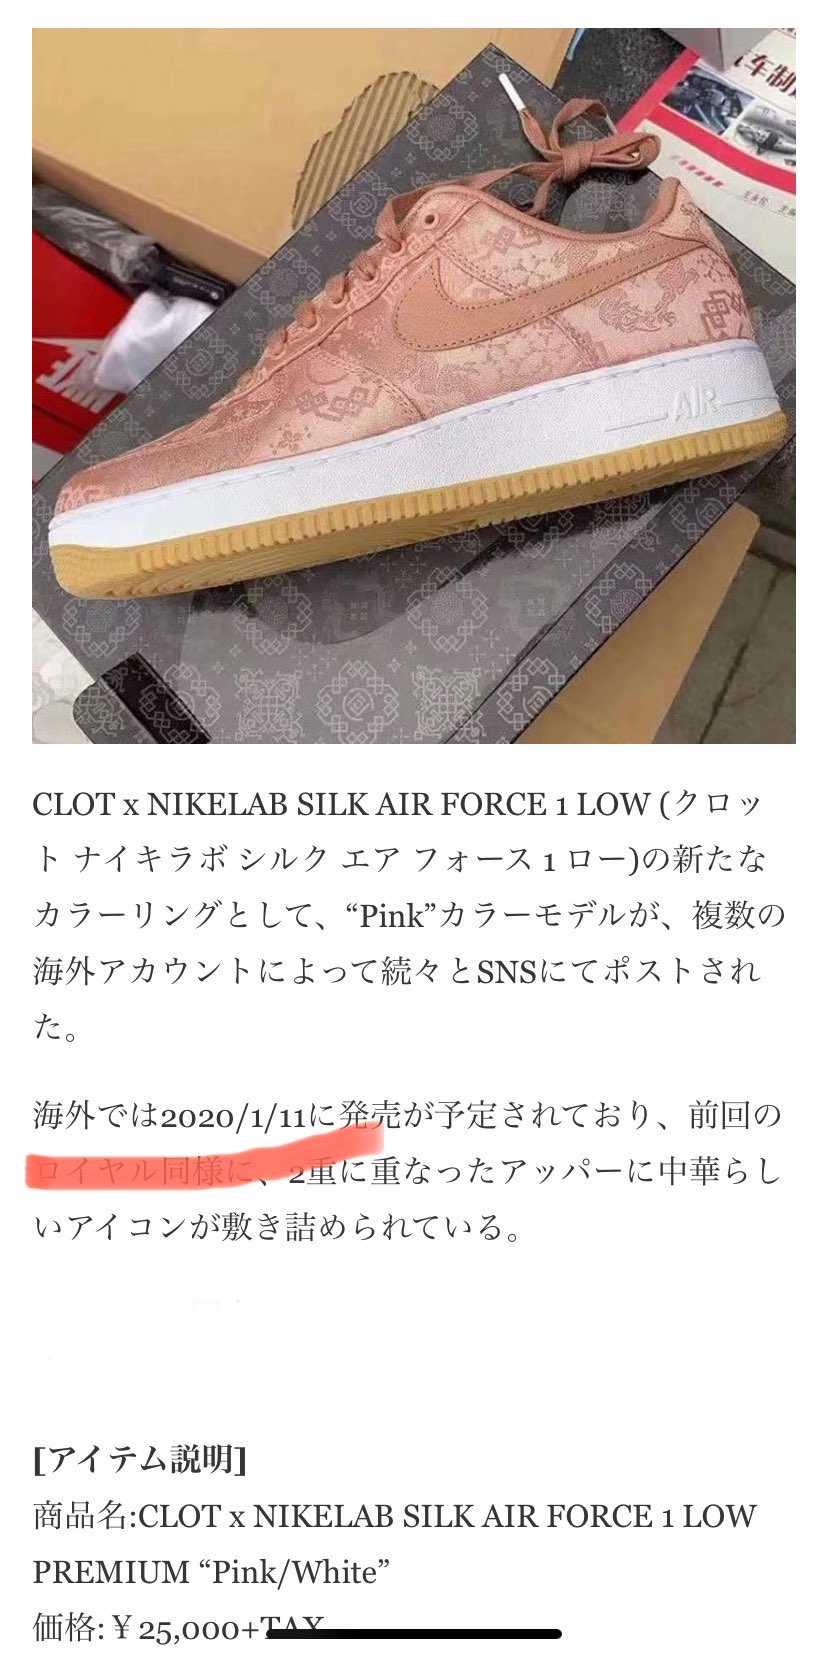 海外 1/11予定との情報📸  商品名:CLOT x NIKELAB SIL